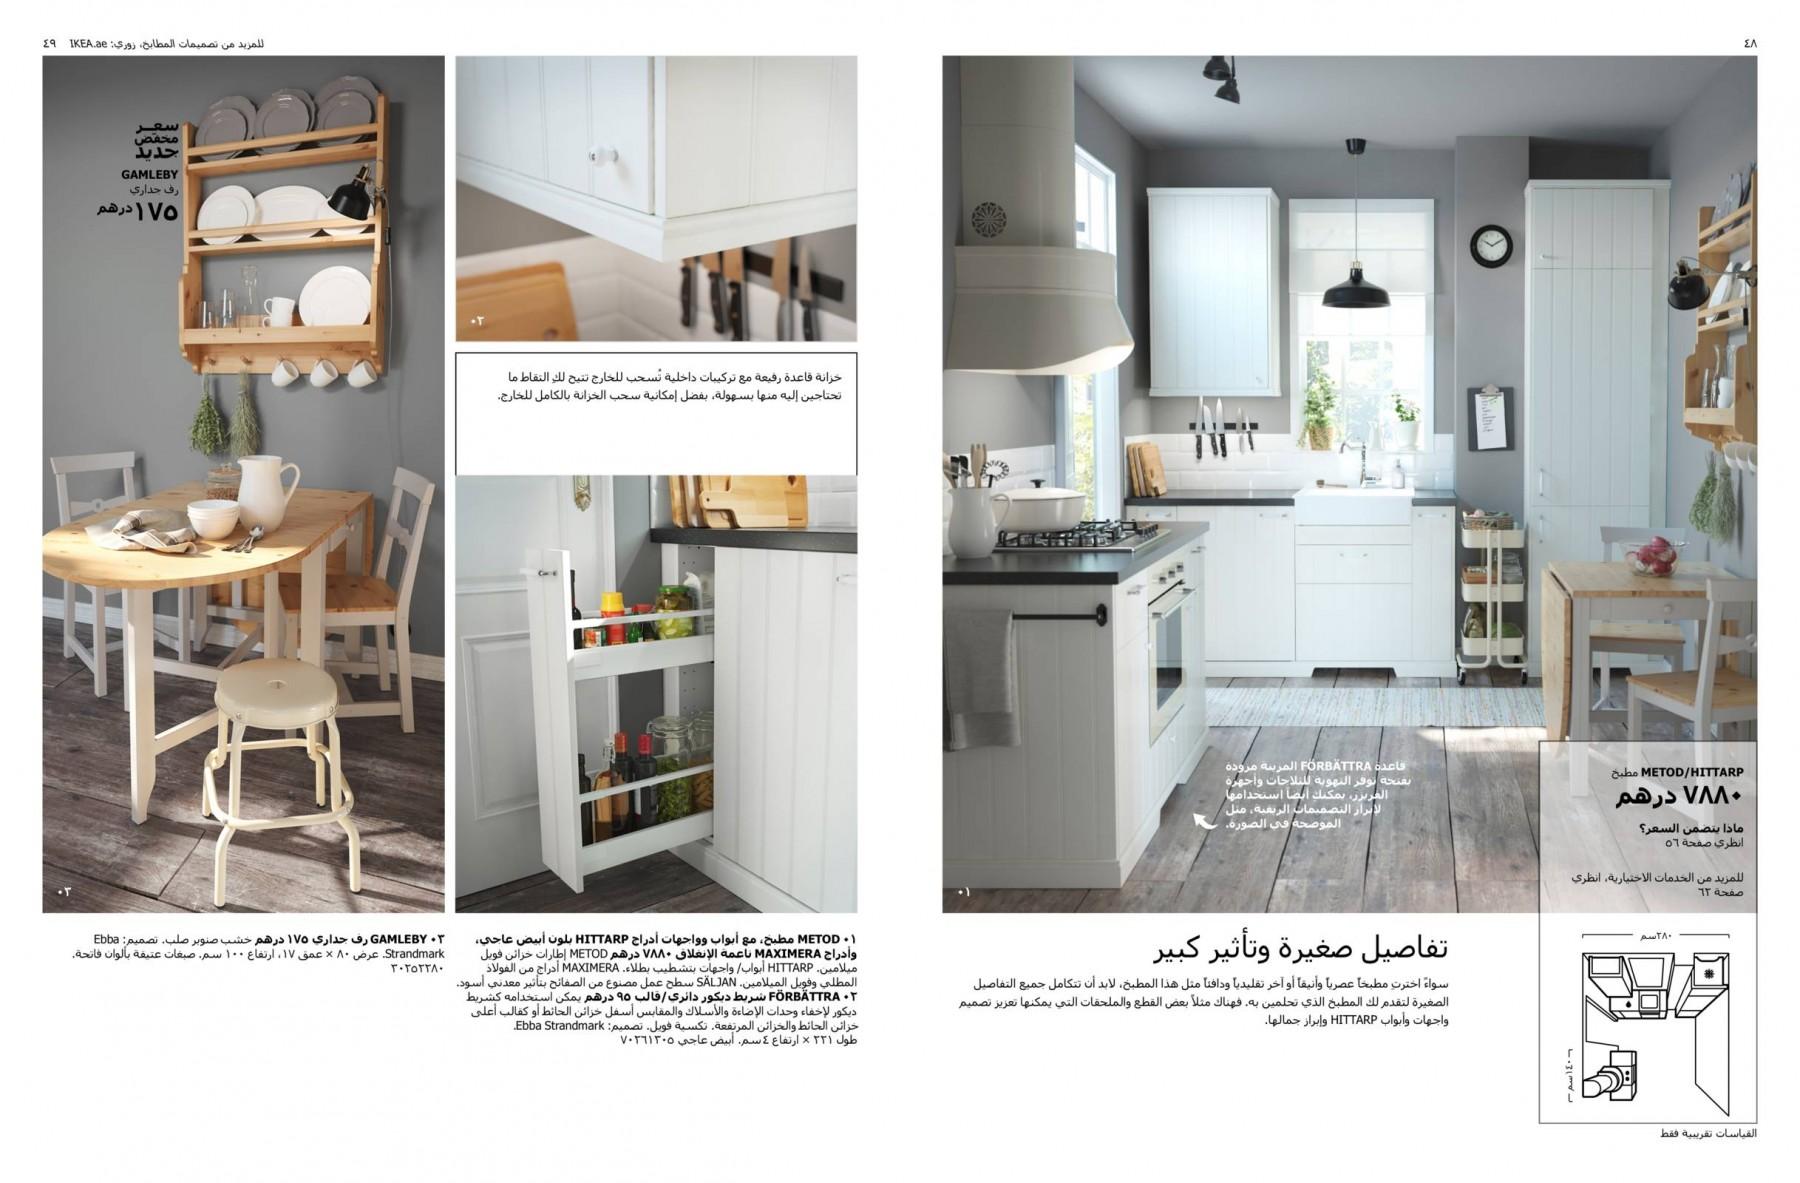 Ikea Keuken Hittarp : Ikea hittarp küche. ikea knoxhult küche erfahrung hochglanz weiss